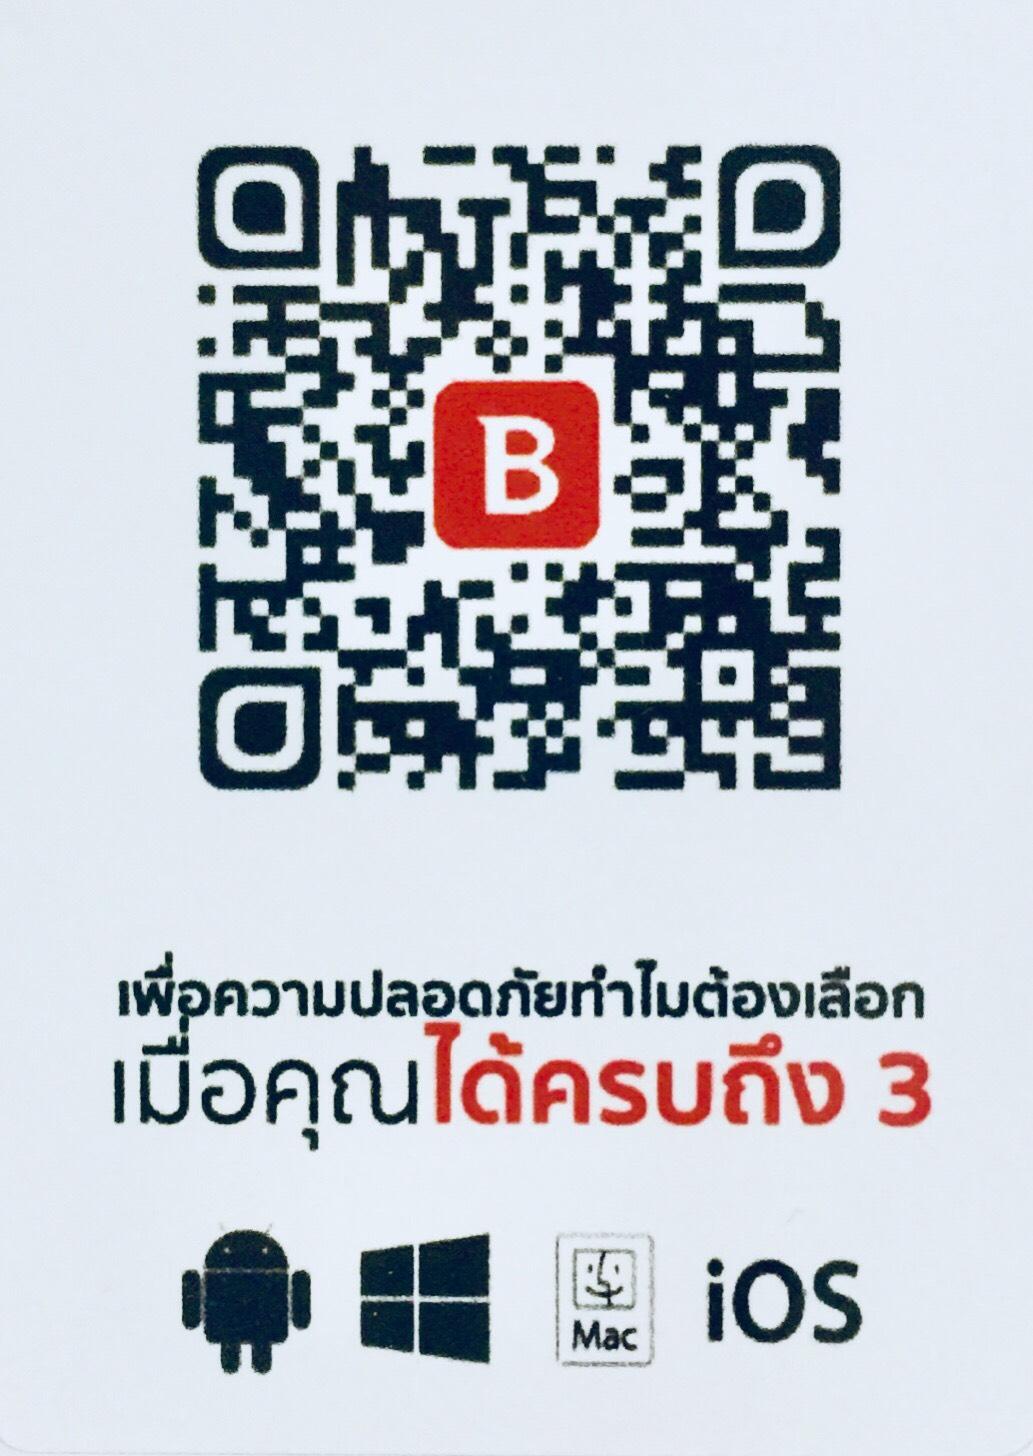 ประกาศ ประกาศ !!  Bitdefender New Innovation ล้ำหน้ากว่าใคร กับผลิตภัณฑ์แอนตี้ไวรัสรูปแบบใหม่ เจ้าแรกและเจ้าเดียวในประเทศไทย !